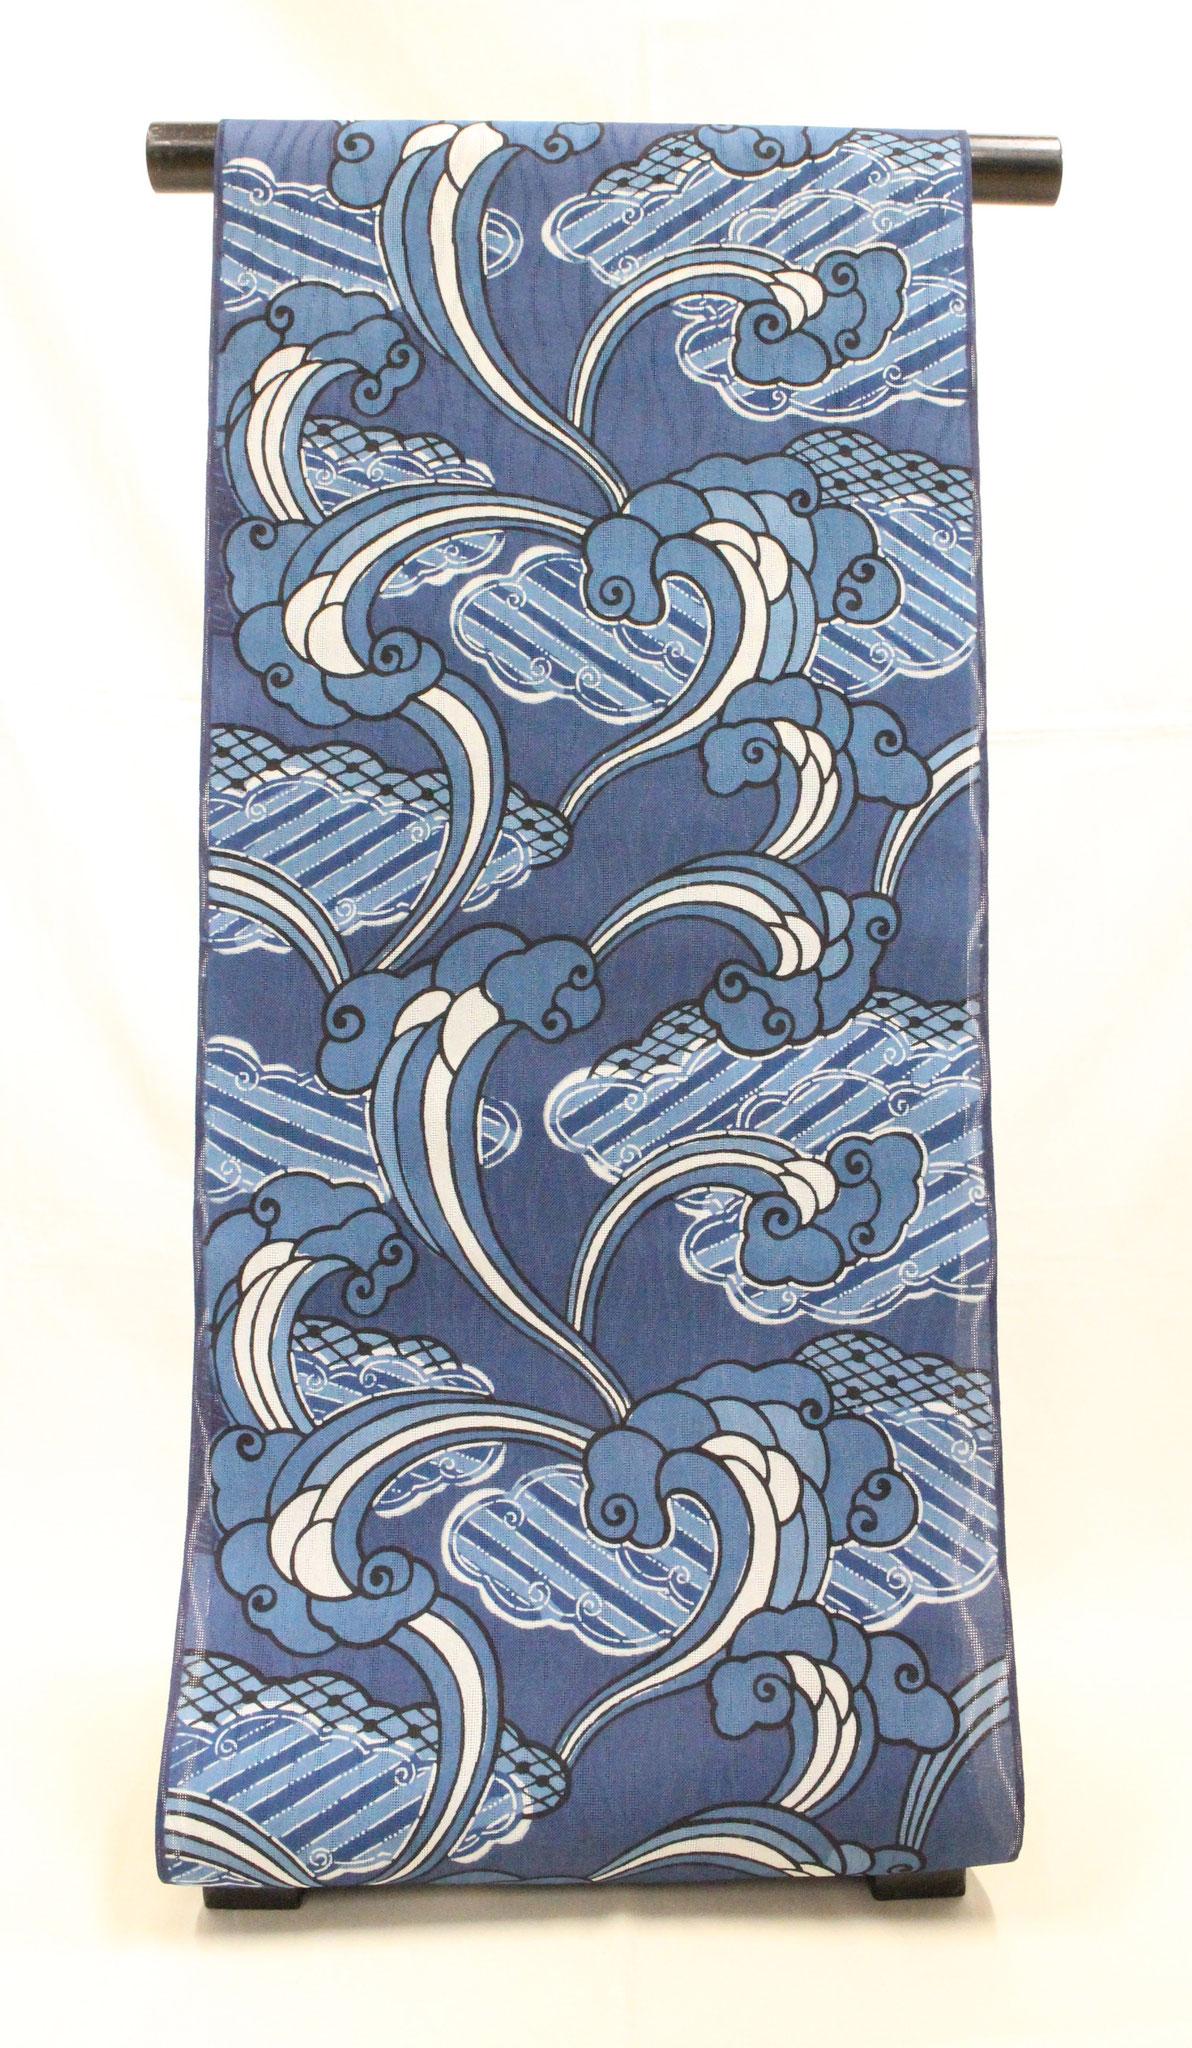 藍型 霊芝雲に霞 桐生紬